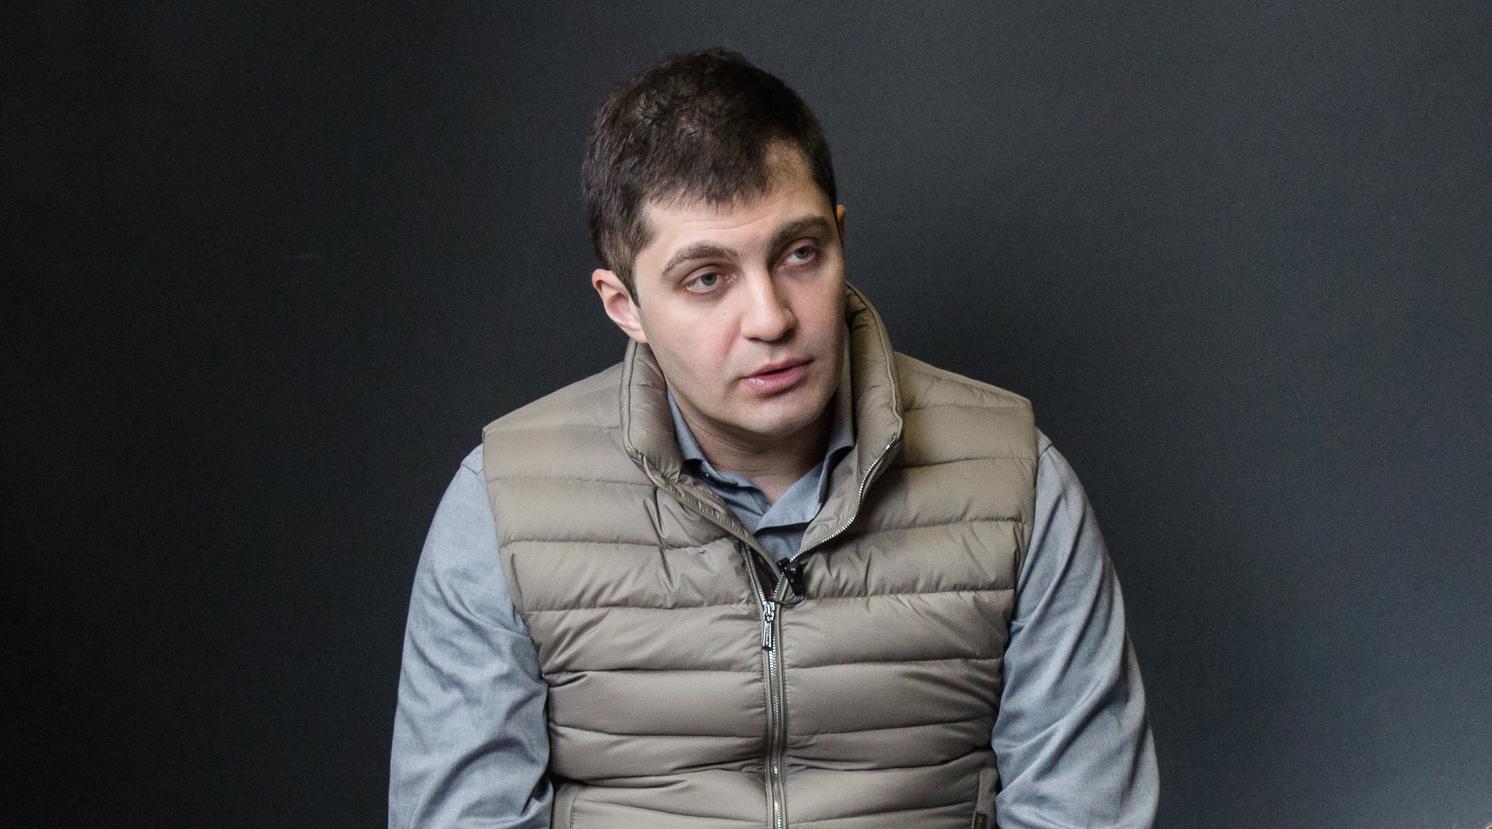 Экс-замгенпрокурора о суде над ним, борьбе с коррупционерами и возвращении Крыма и Донбасса